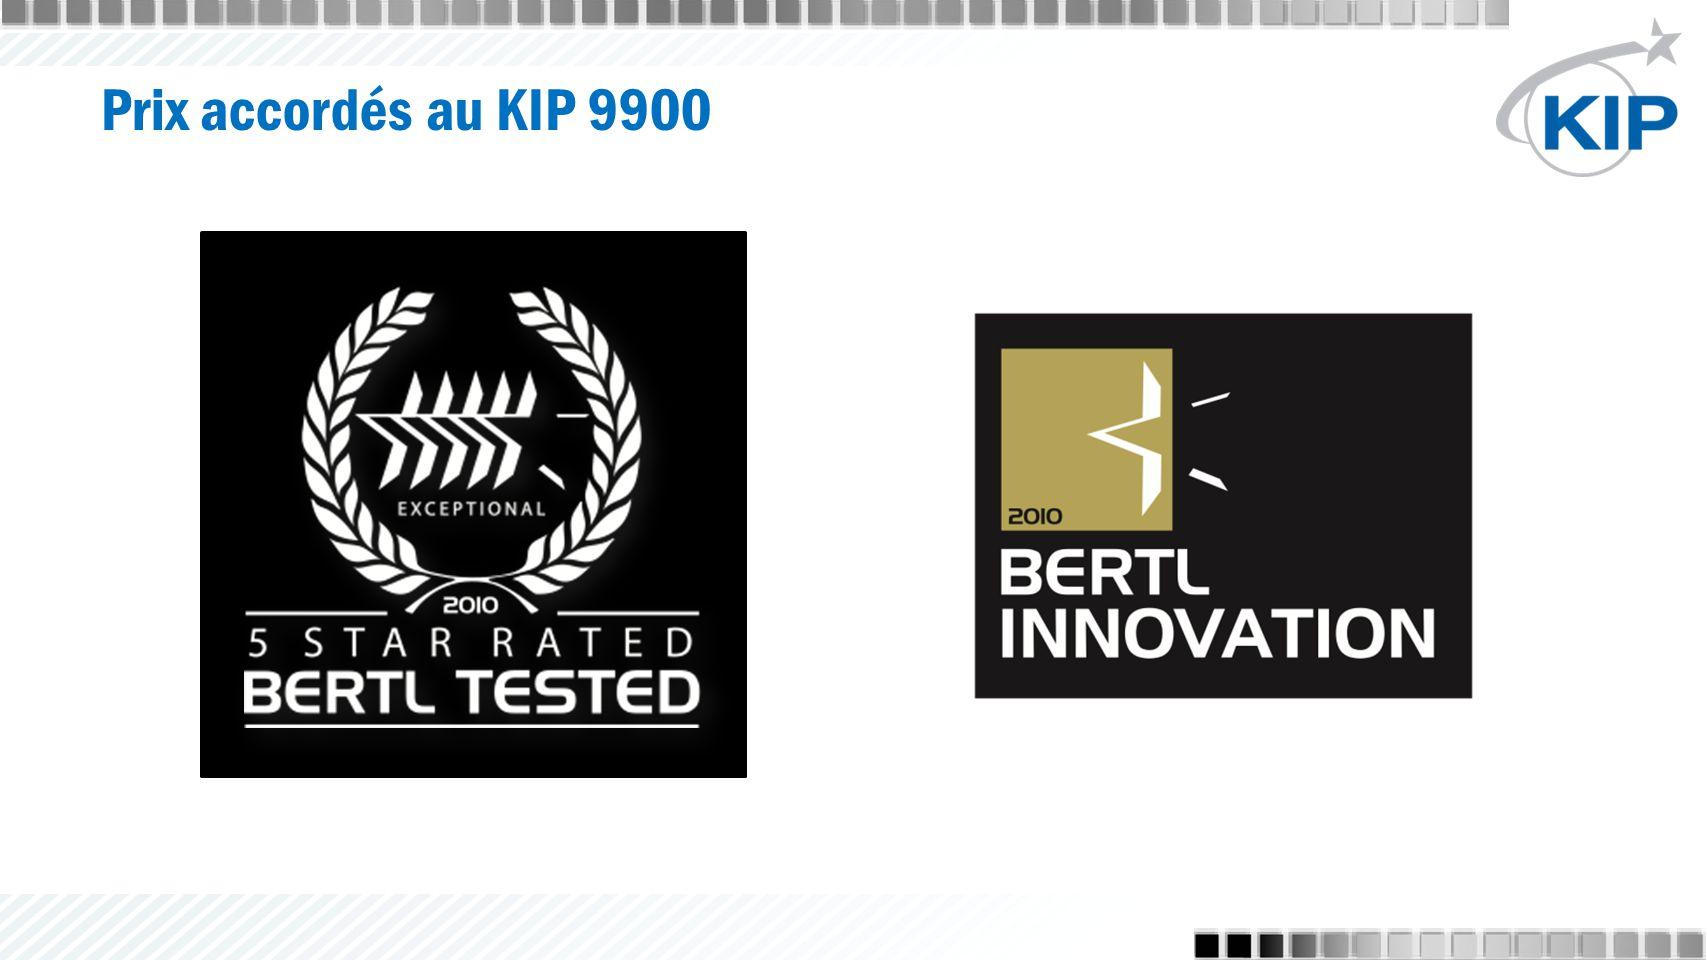 Prix accordés au KIP 9900